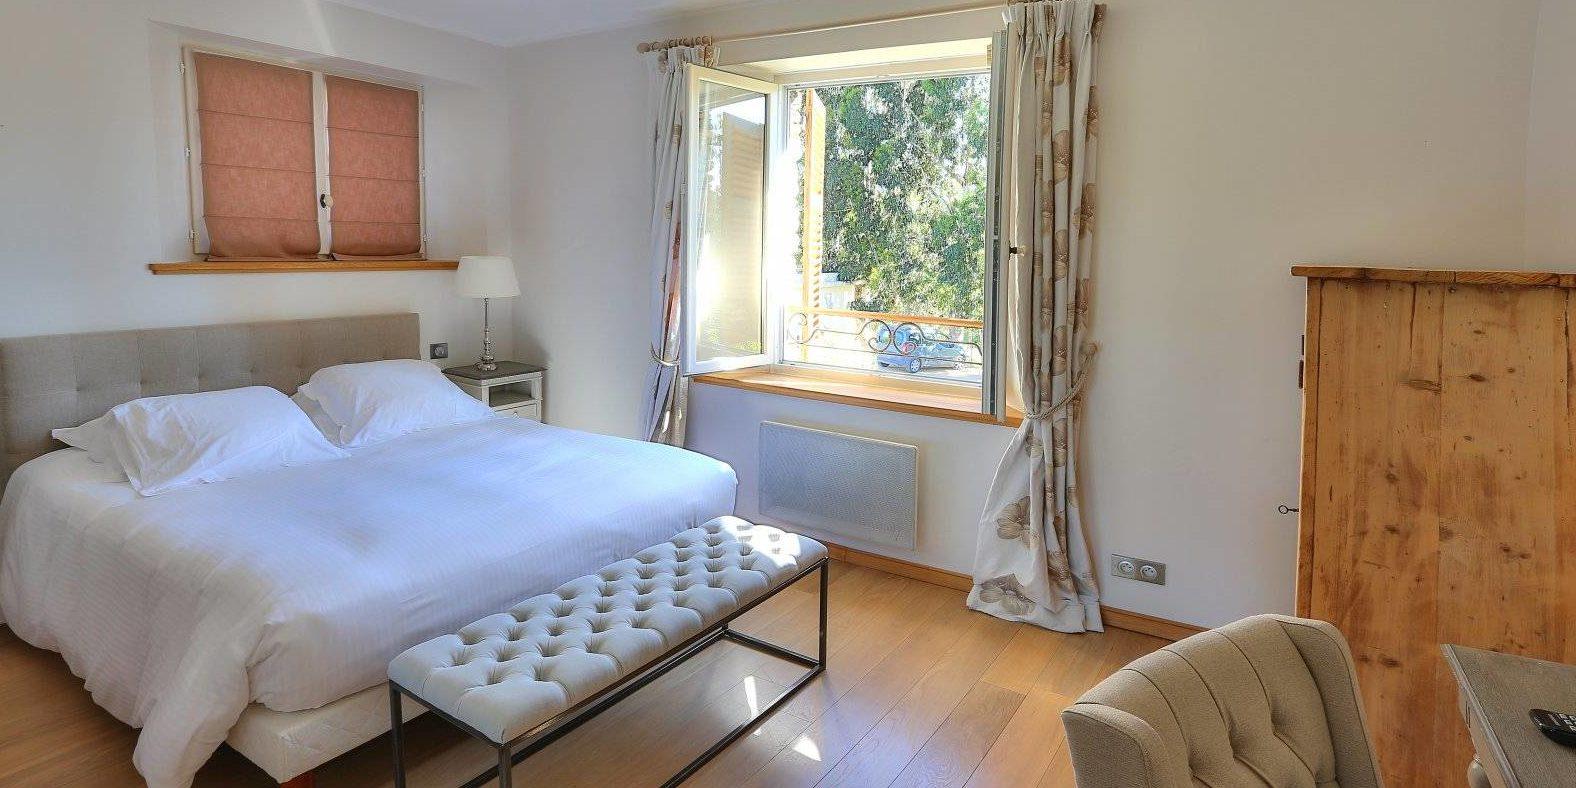 Hotel La Roya Saint-Florent Corsica Frankrijk tweepersoonskamer-in-annex